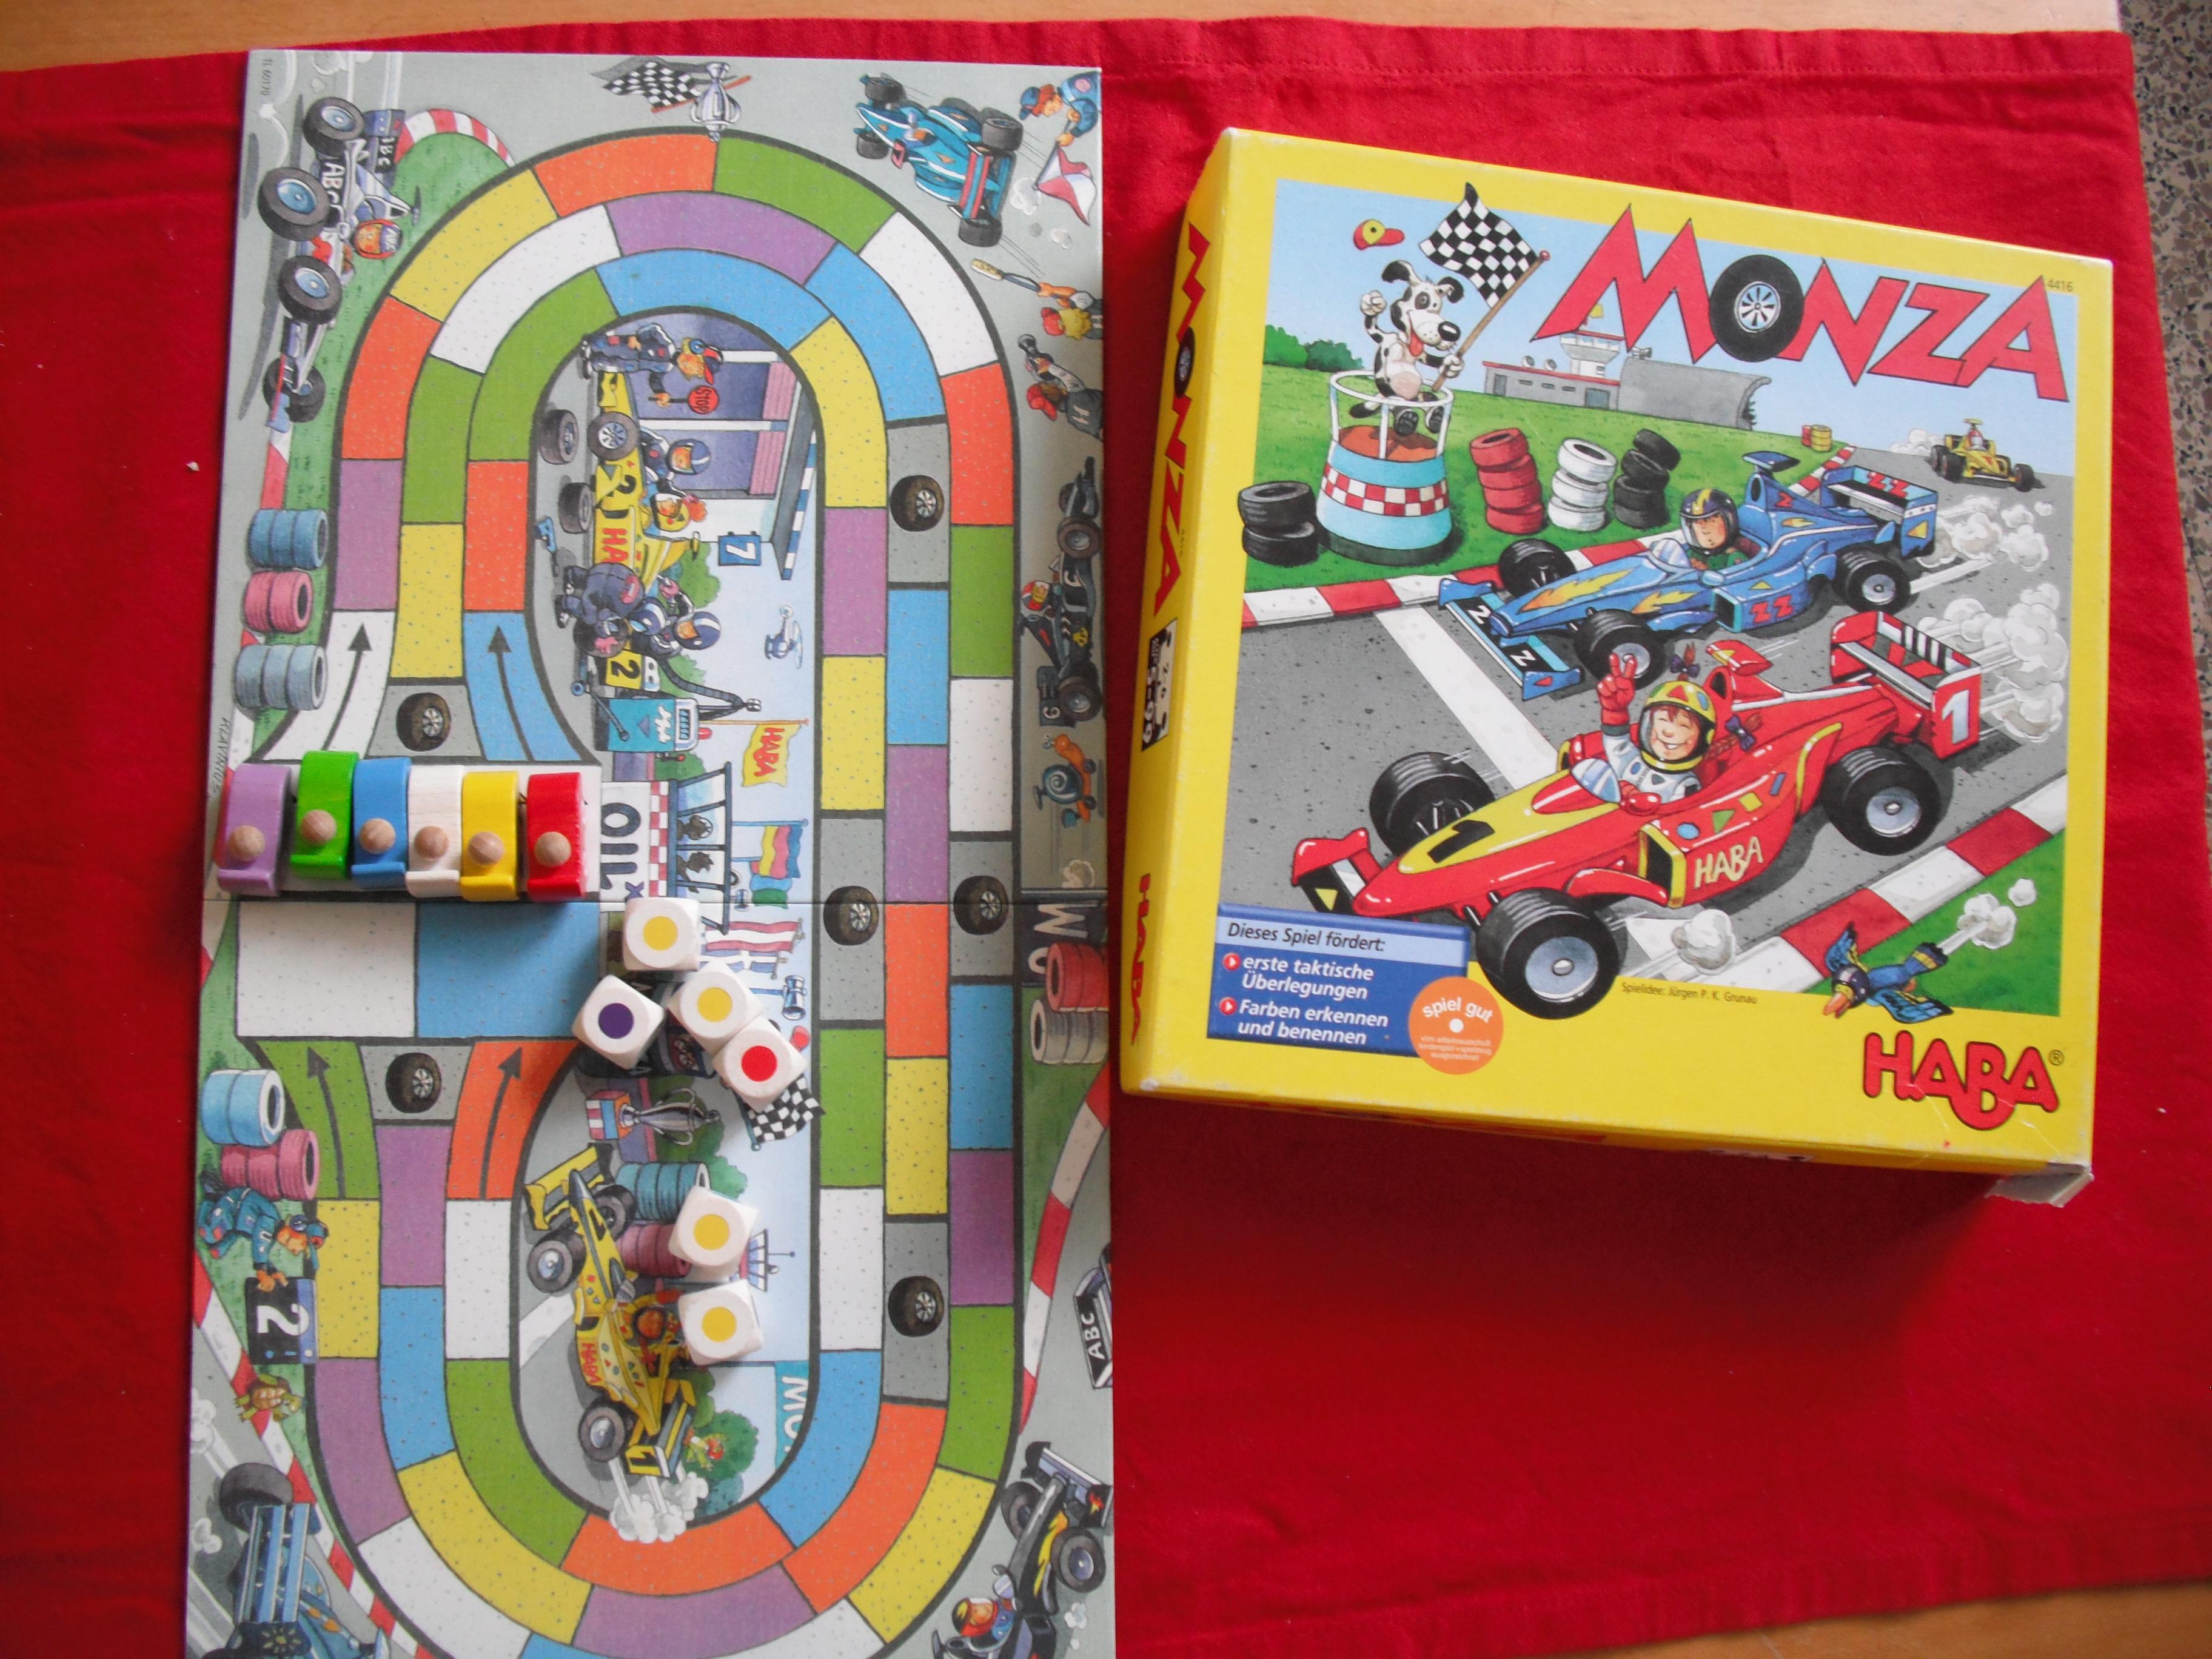 Monza, le jeu qui va accélérer les apprentissages de vos élèves en cycle 1 et cycle 2...